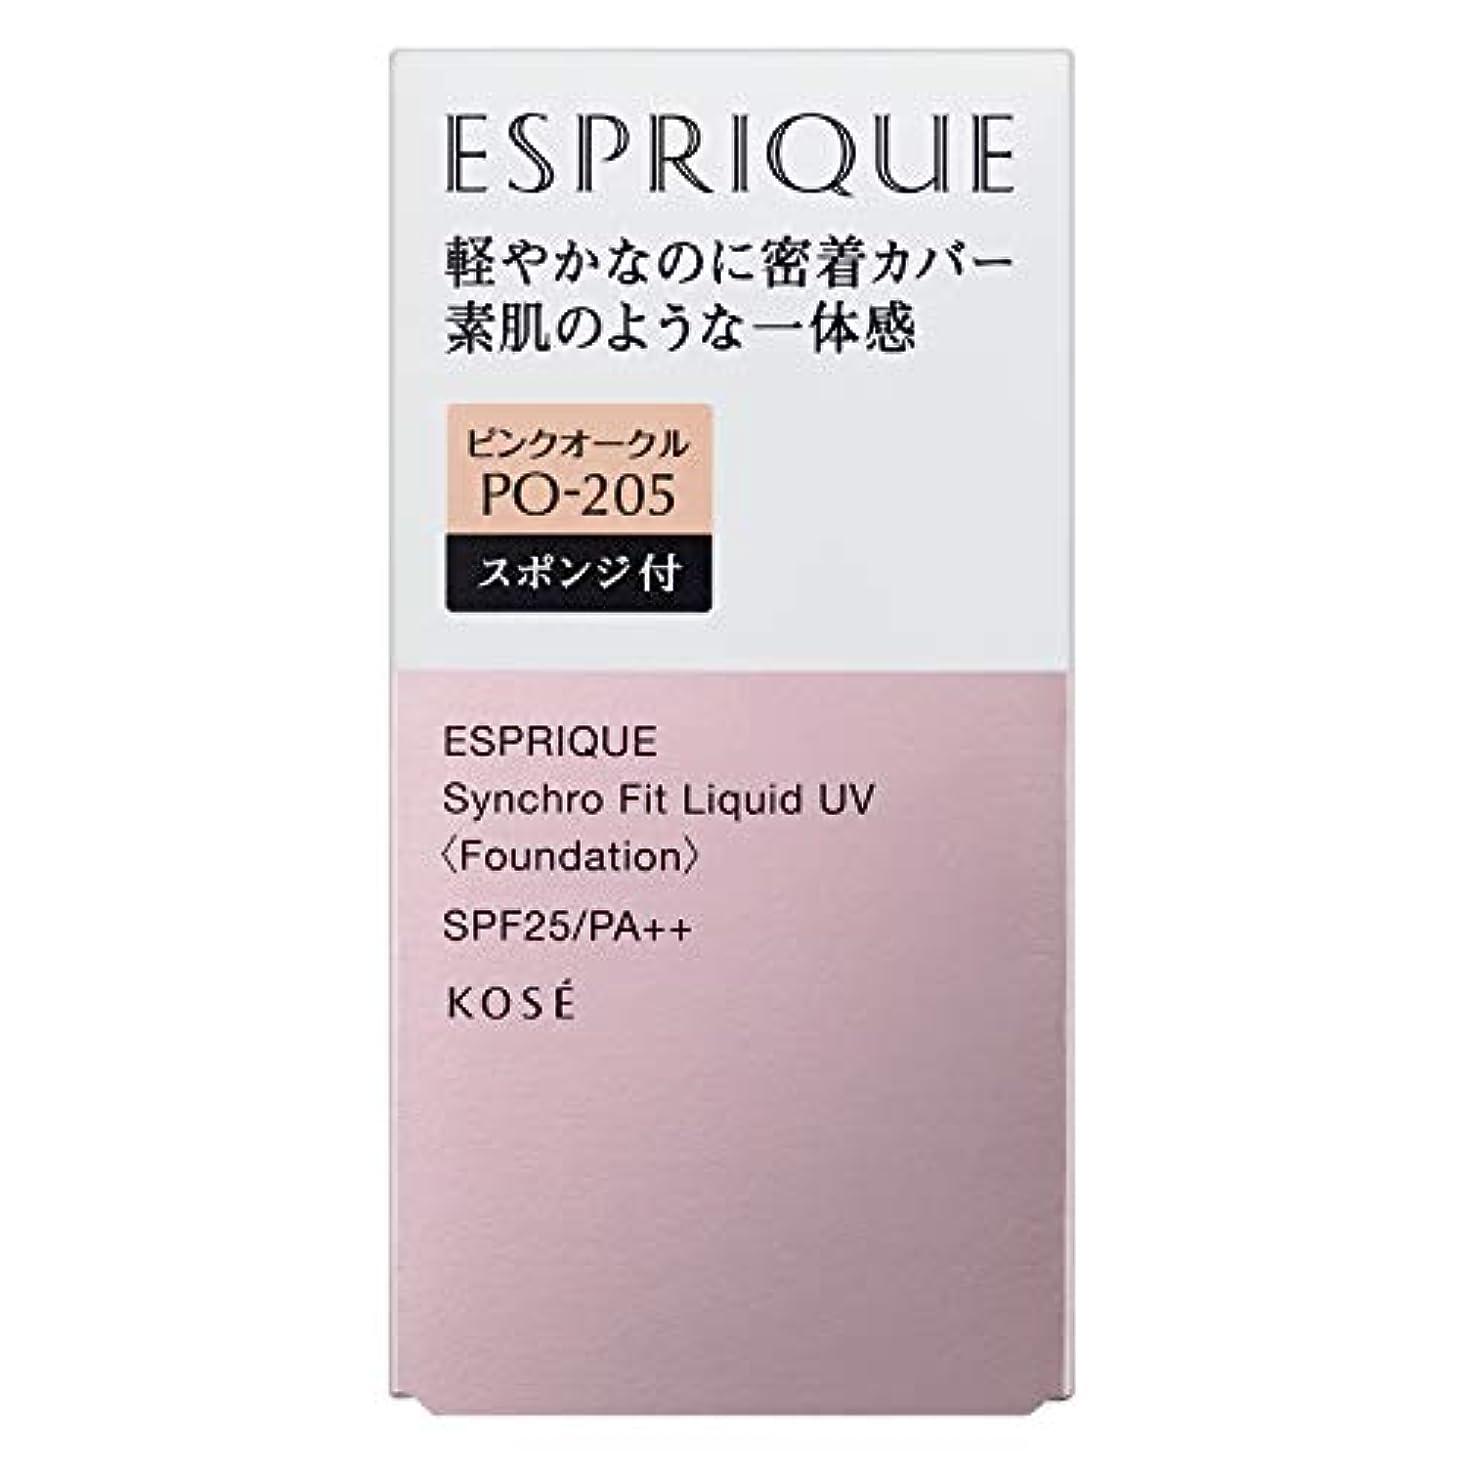 持参生産性笑いESPRIQUE(エスプリーク) エスプリーク シンクロフィット リキッド UV ファンデーション 無香料 PO-205 ピンクオークル 30g